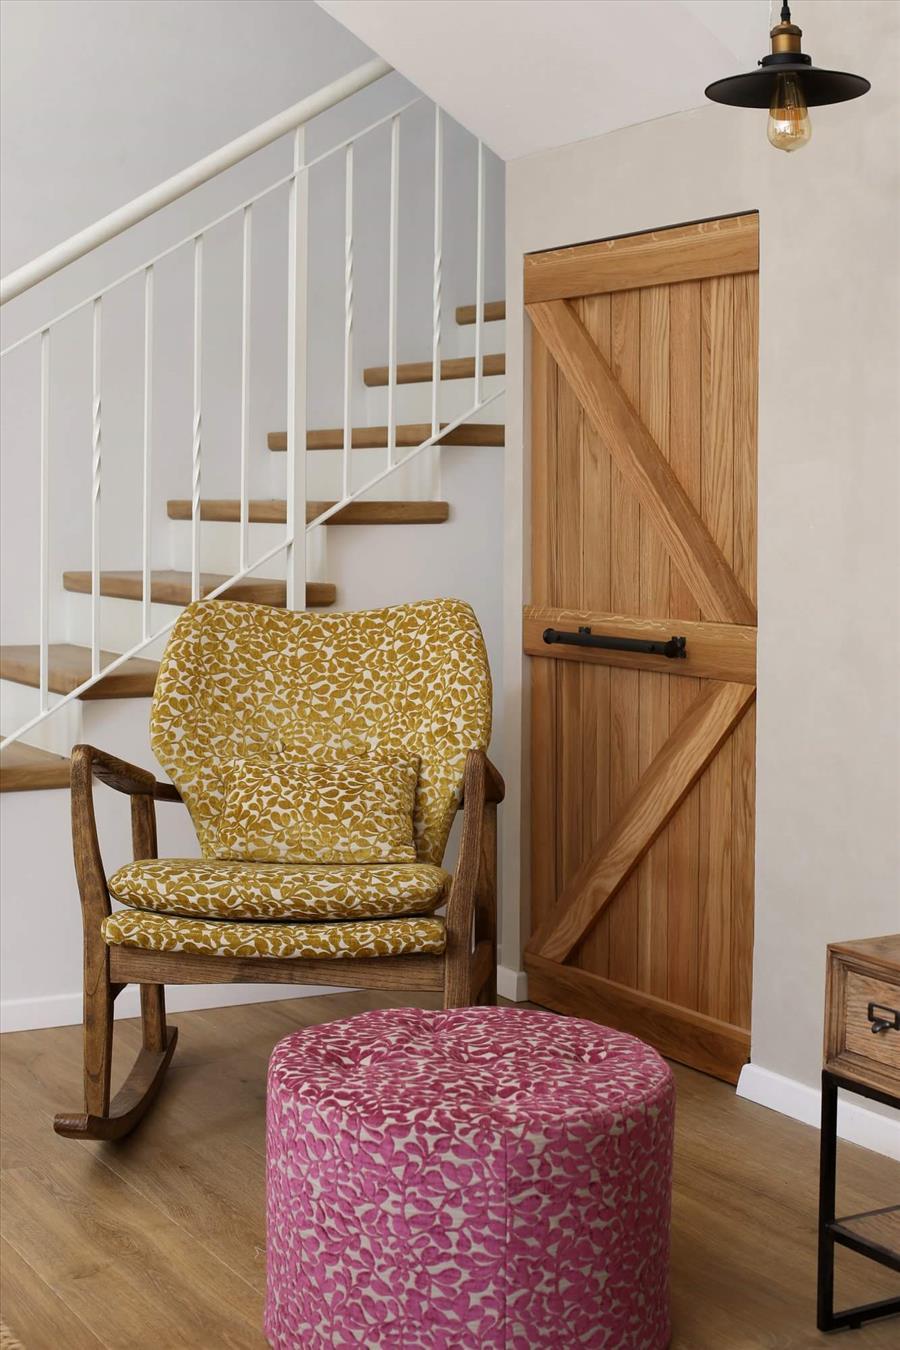 עיצוב רוית אורגד ברלב | צילום: חגית גרוסמן | נגר דלת אסם: תומר מינדלר